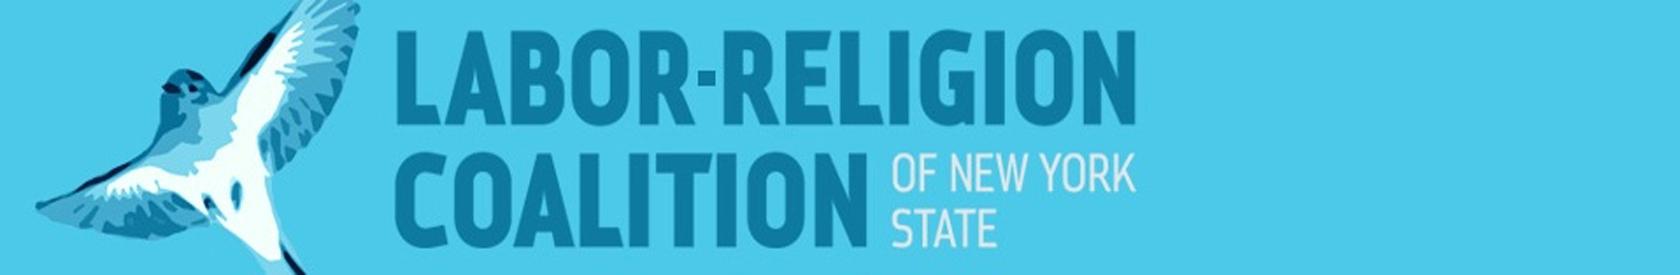 Labor Religion Coalition